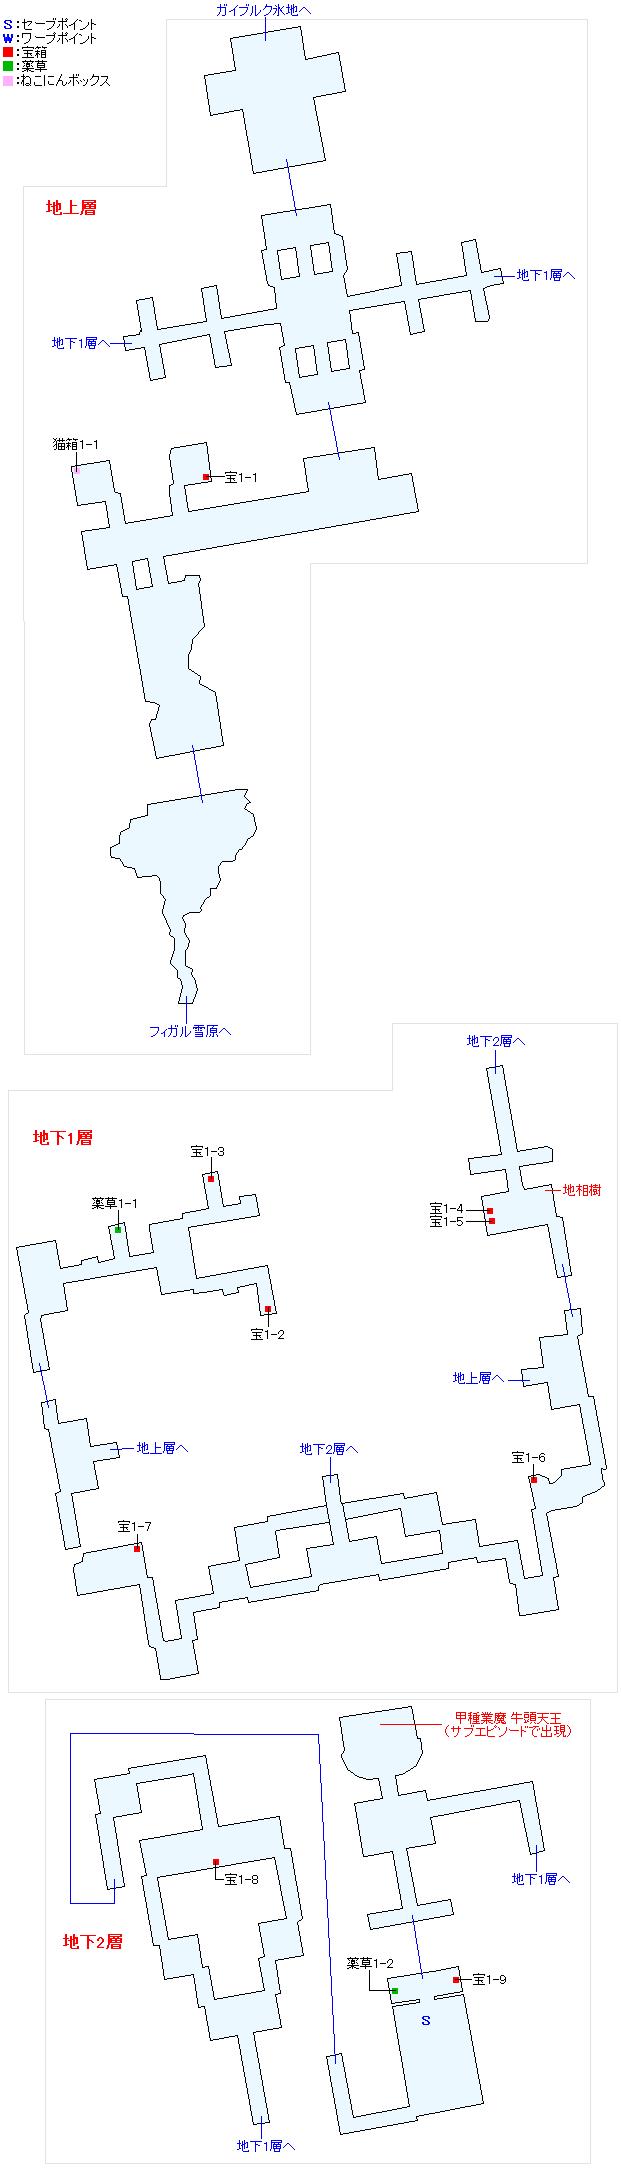 マップ画像・フォルディス遺跡